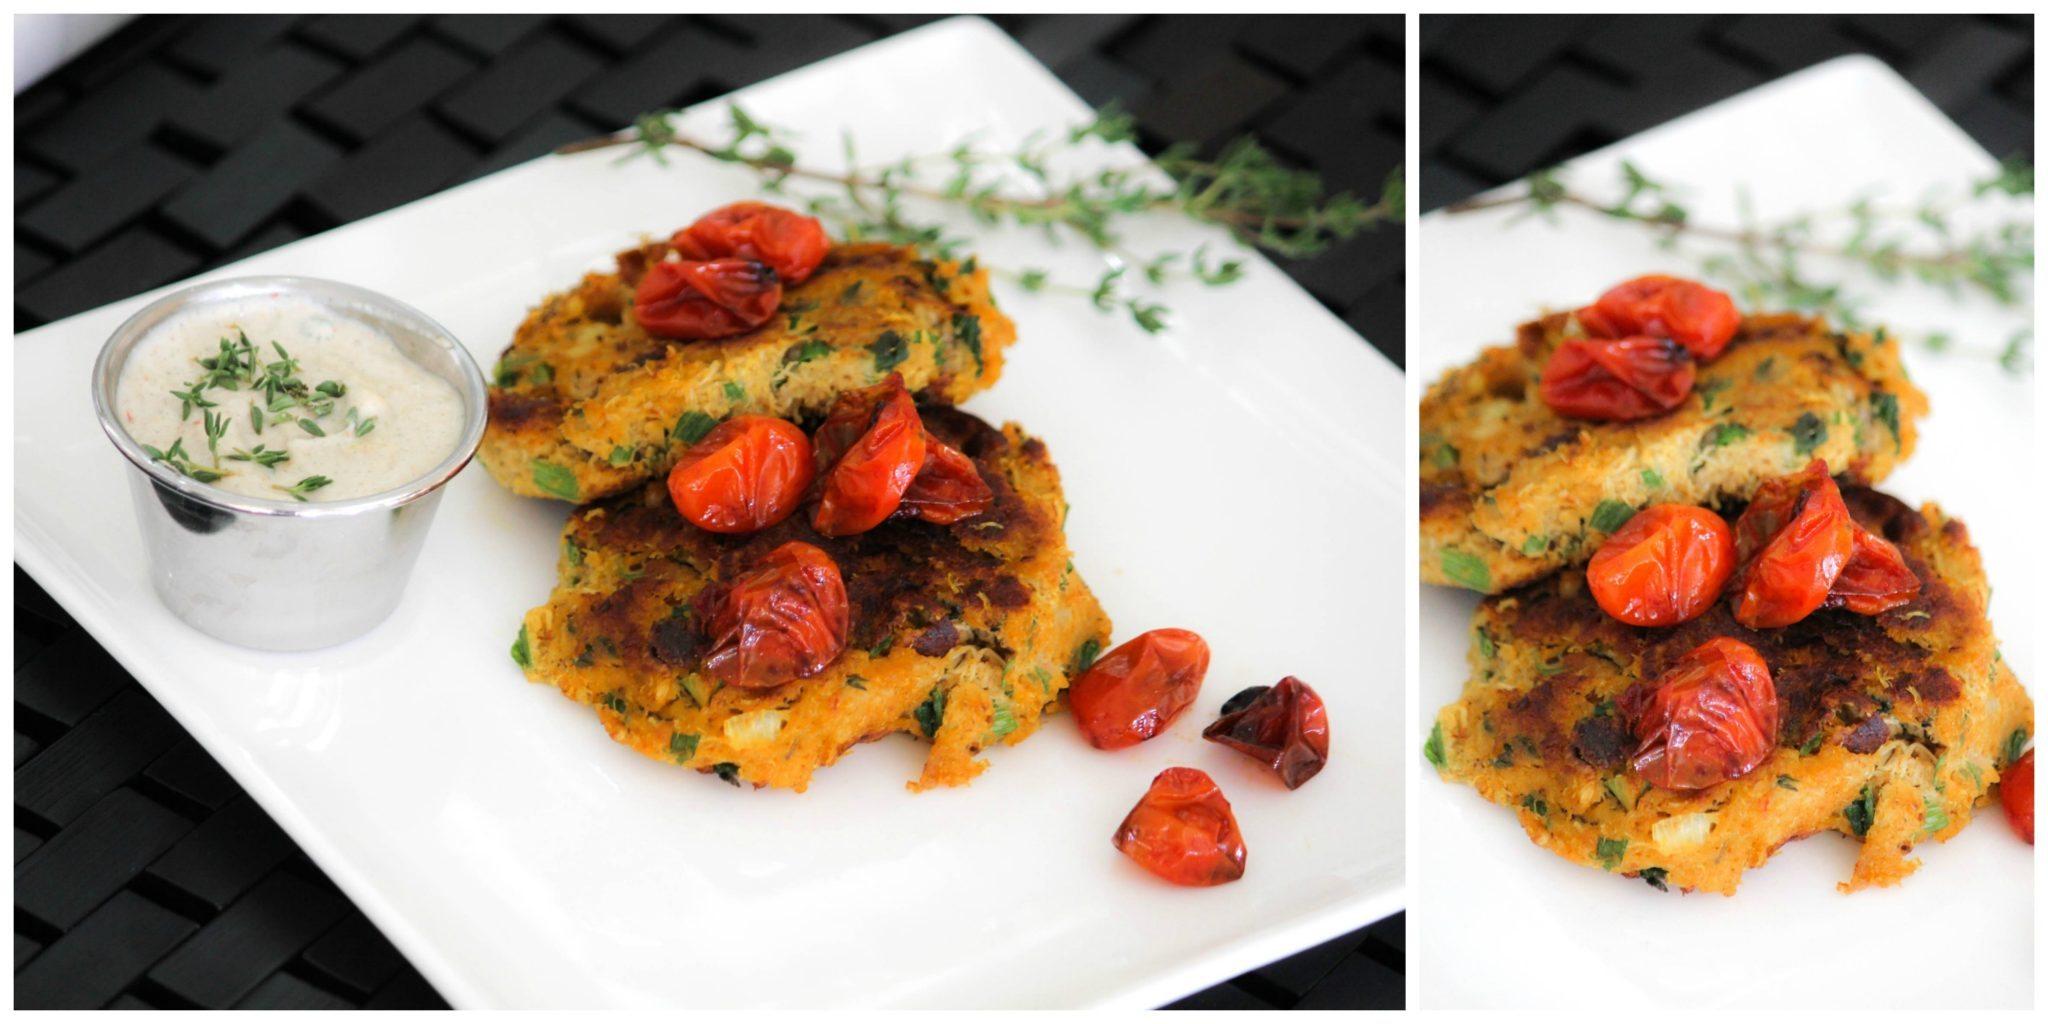 Secret Restaurant Style Crab Cake Recipe